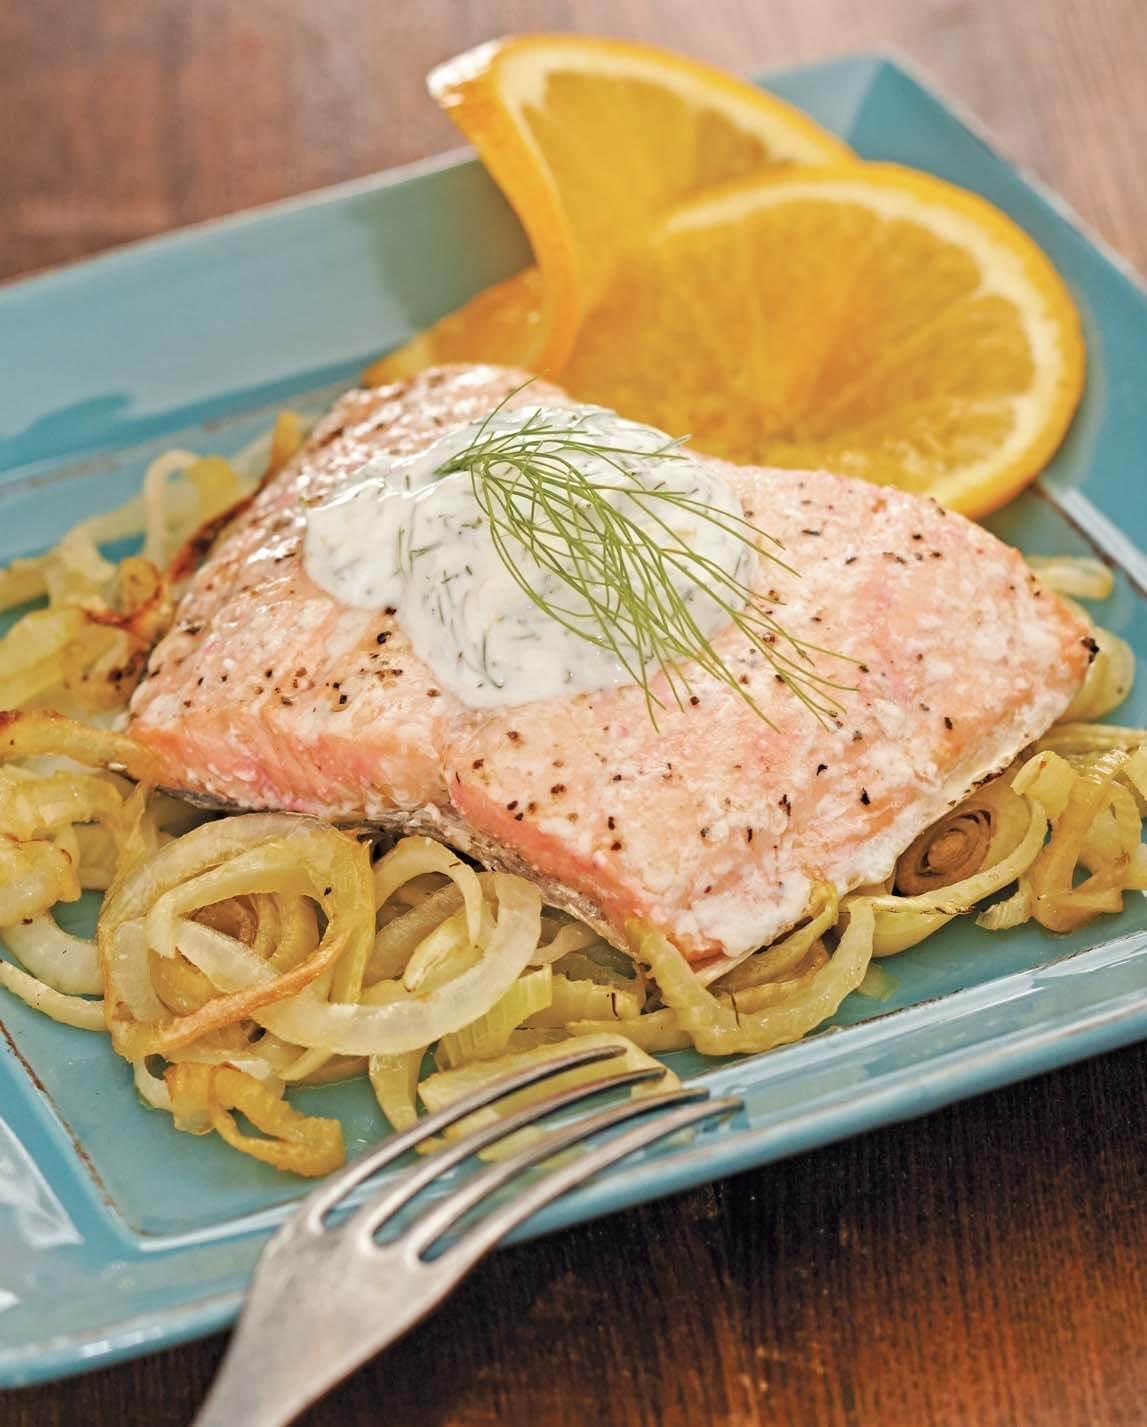 Citrus–Marinated Salmon with Fennel Cream/Salmone agli agrumi con crema di finocchio